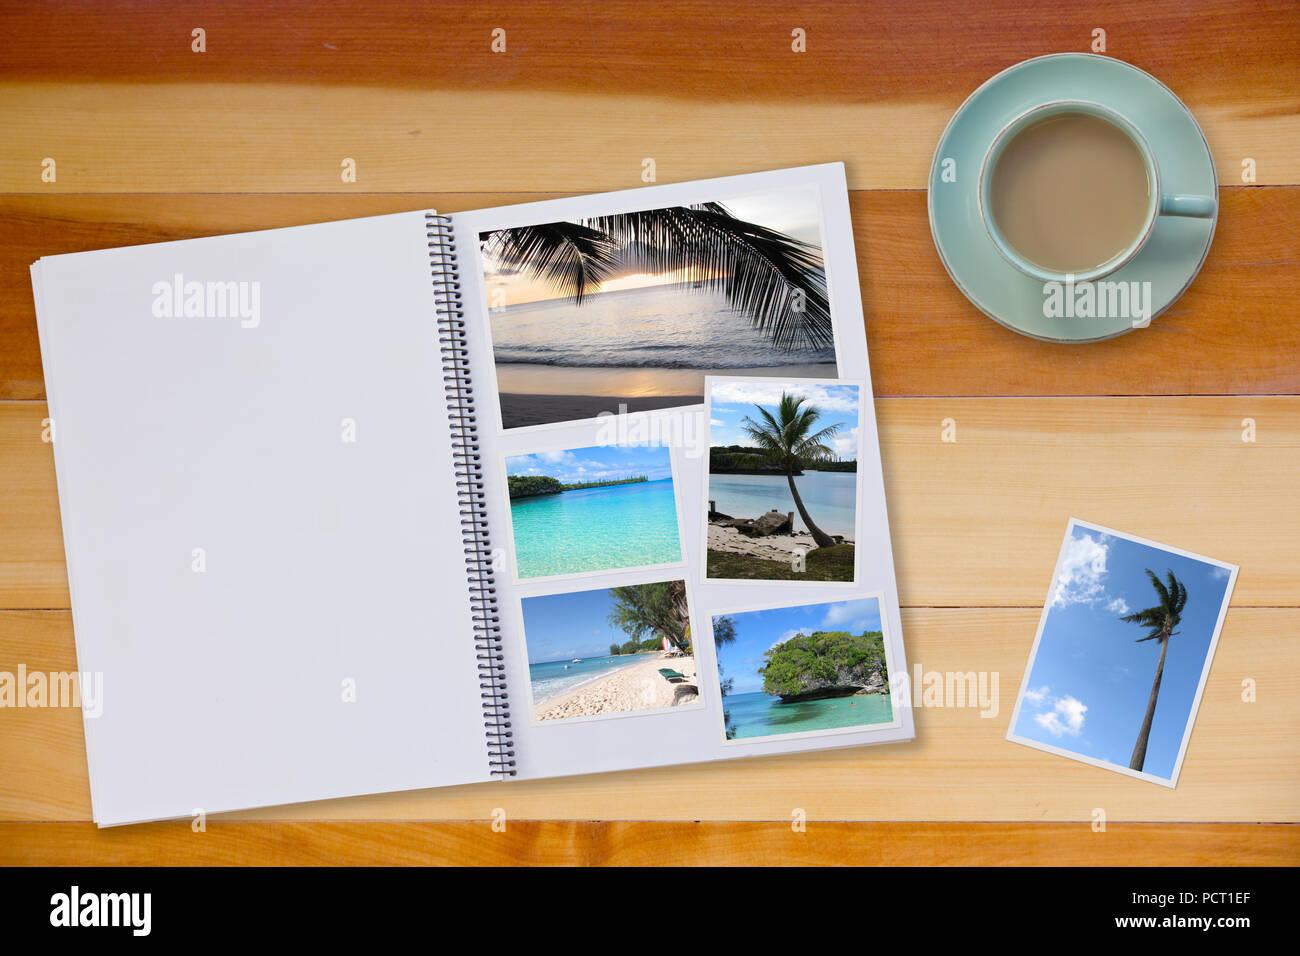 Livre Photo Album sur plancher en bois tableau avec des images de plages et du café ou du thé dans la tasse Photo Stock